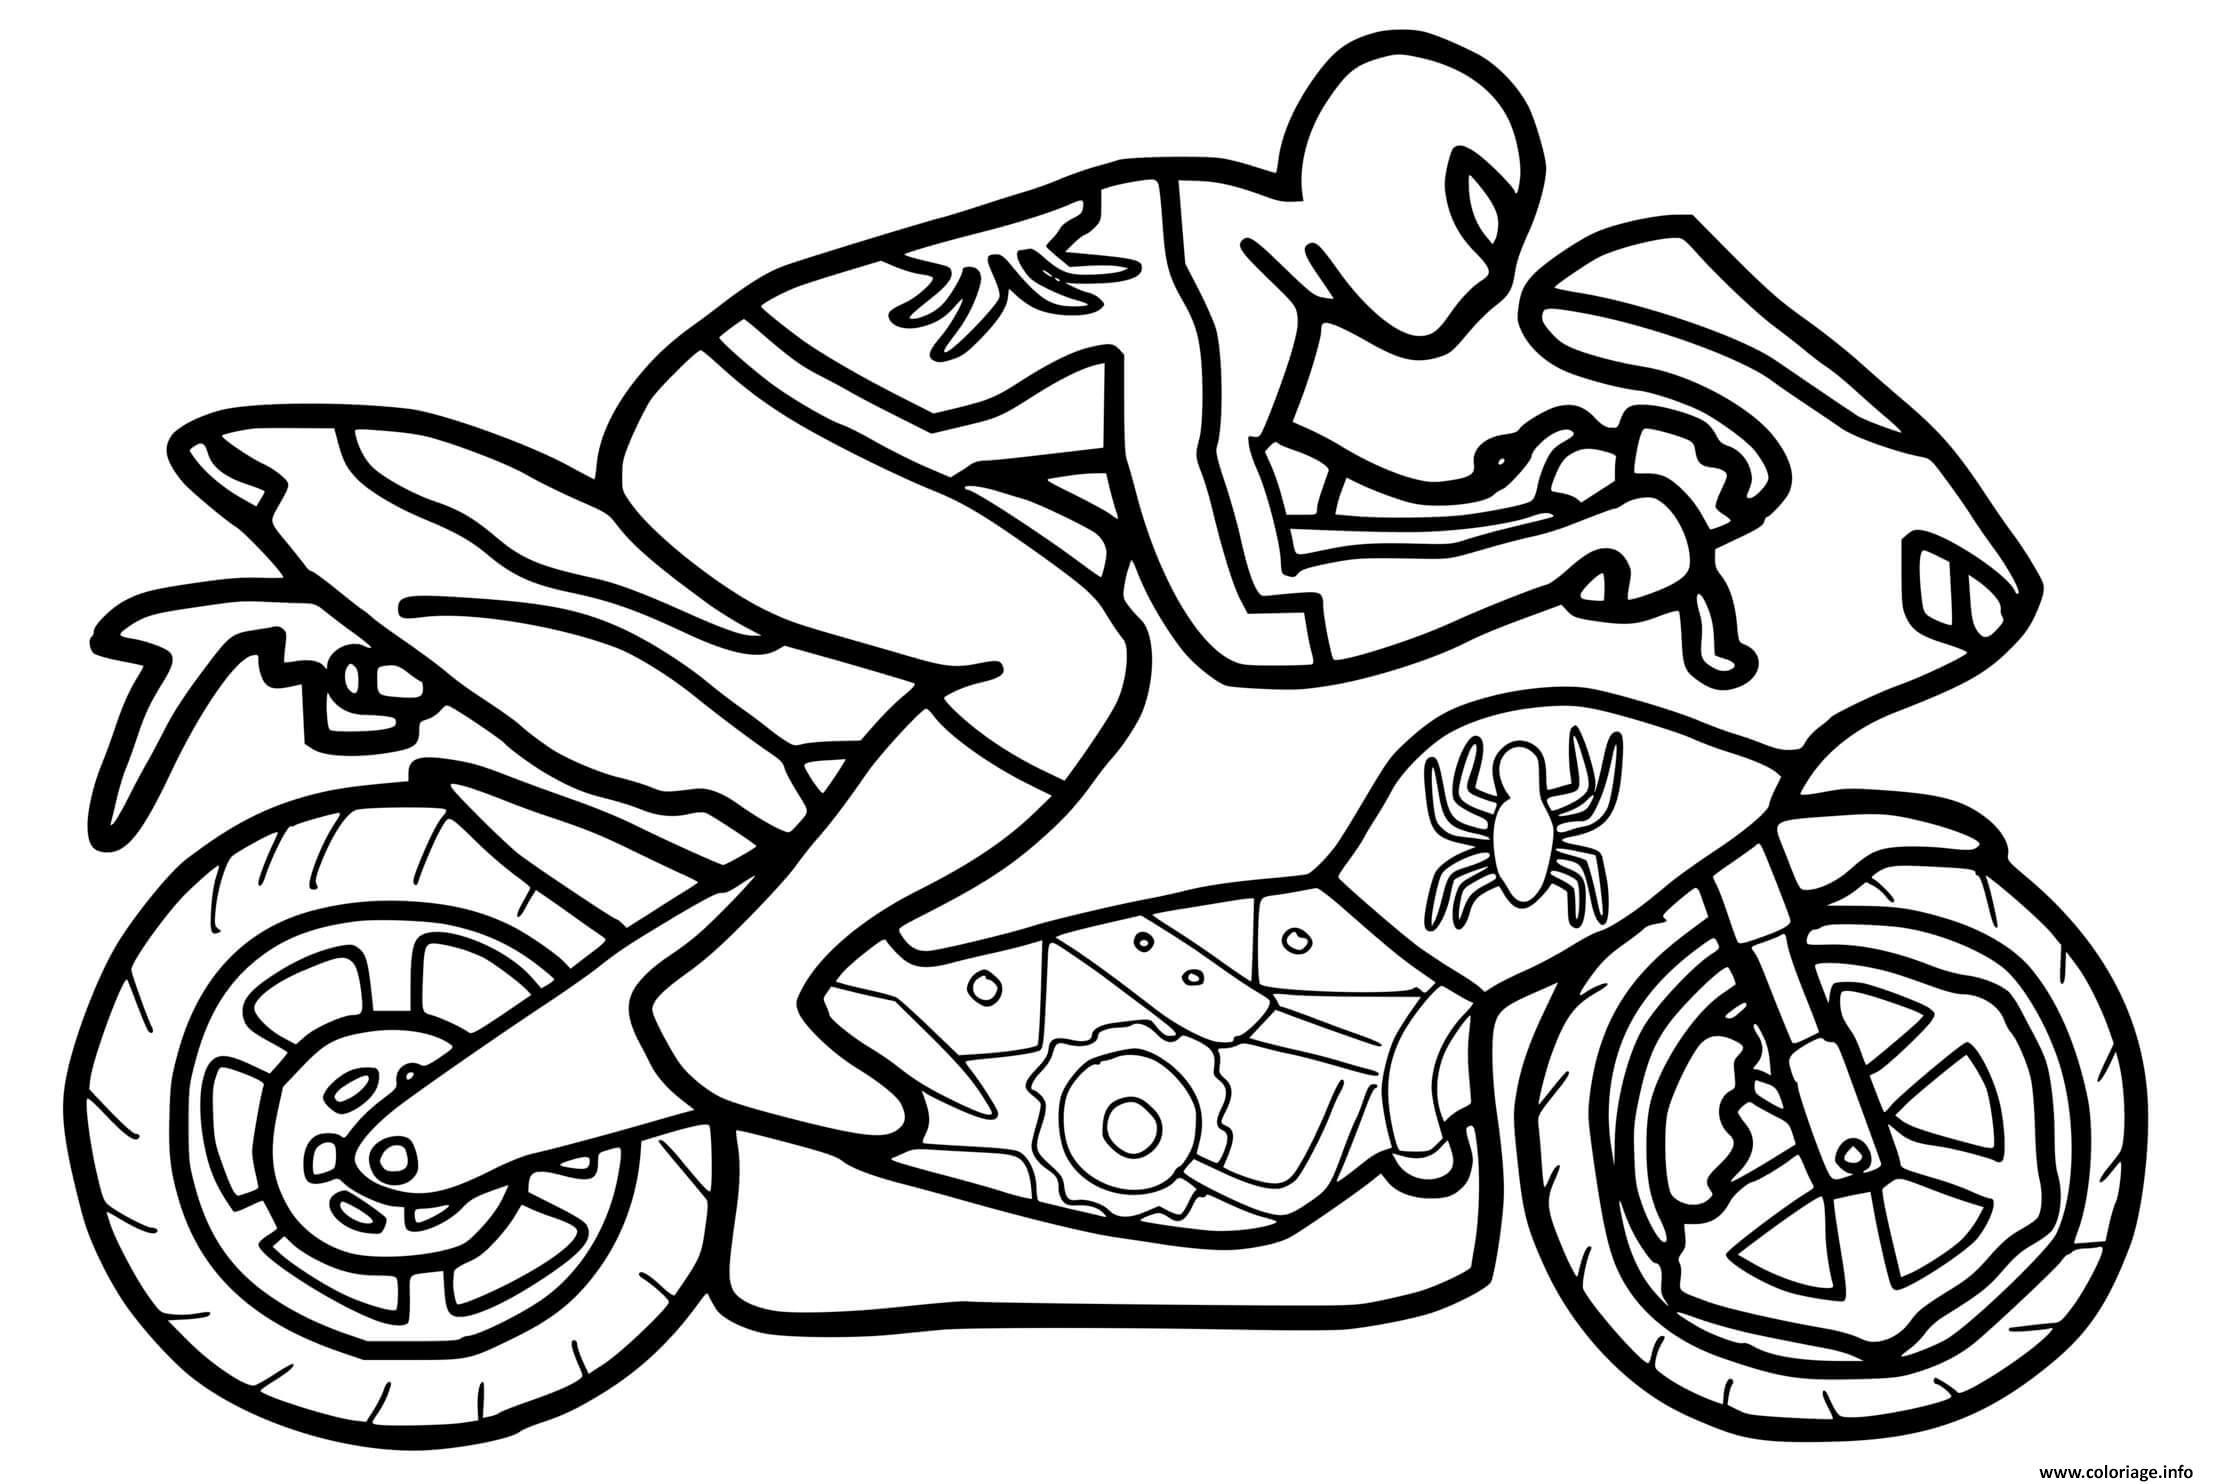 Dessin moto spiderman vitesse Coloriage Gratuit à Imprimer